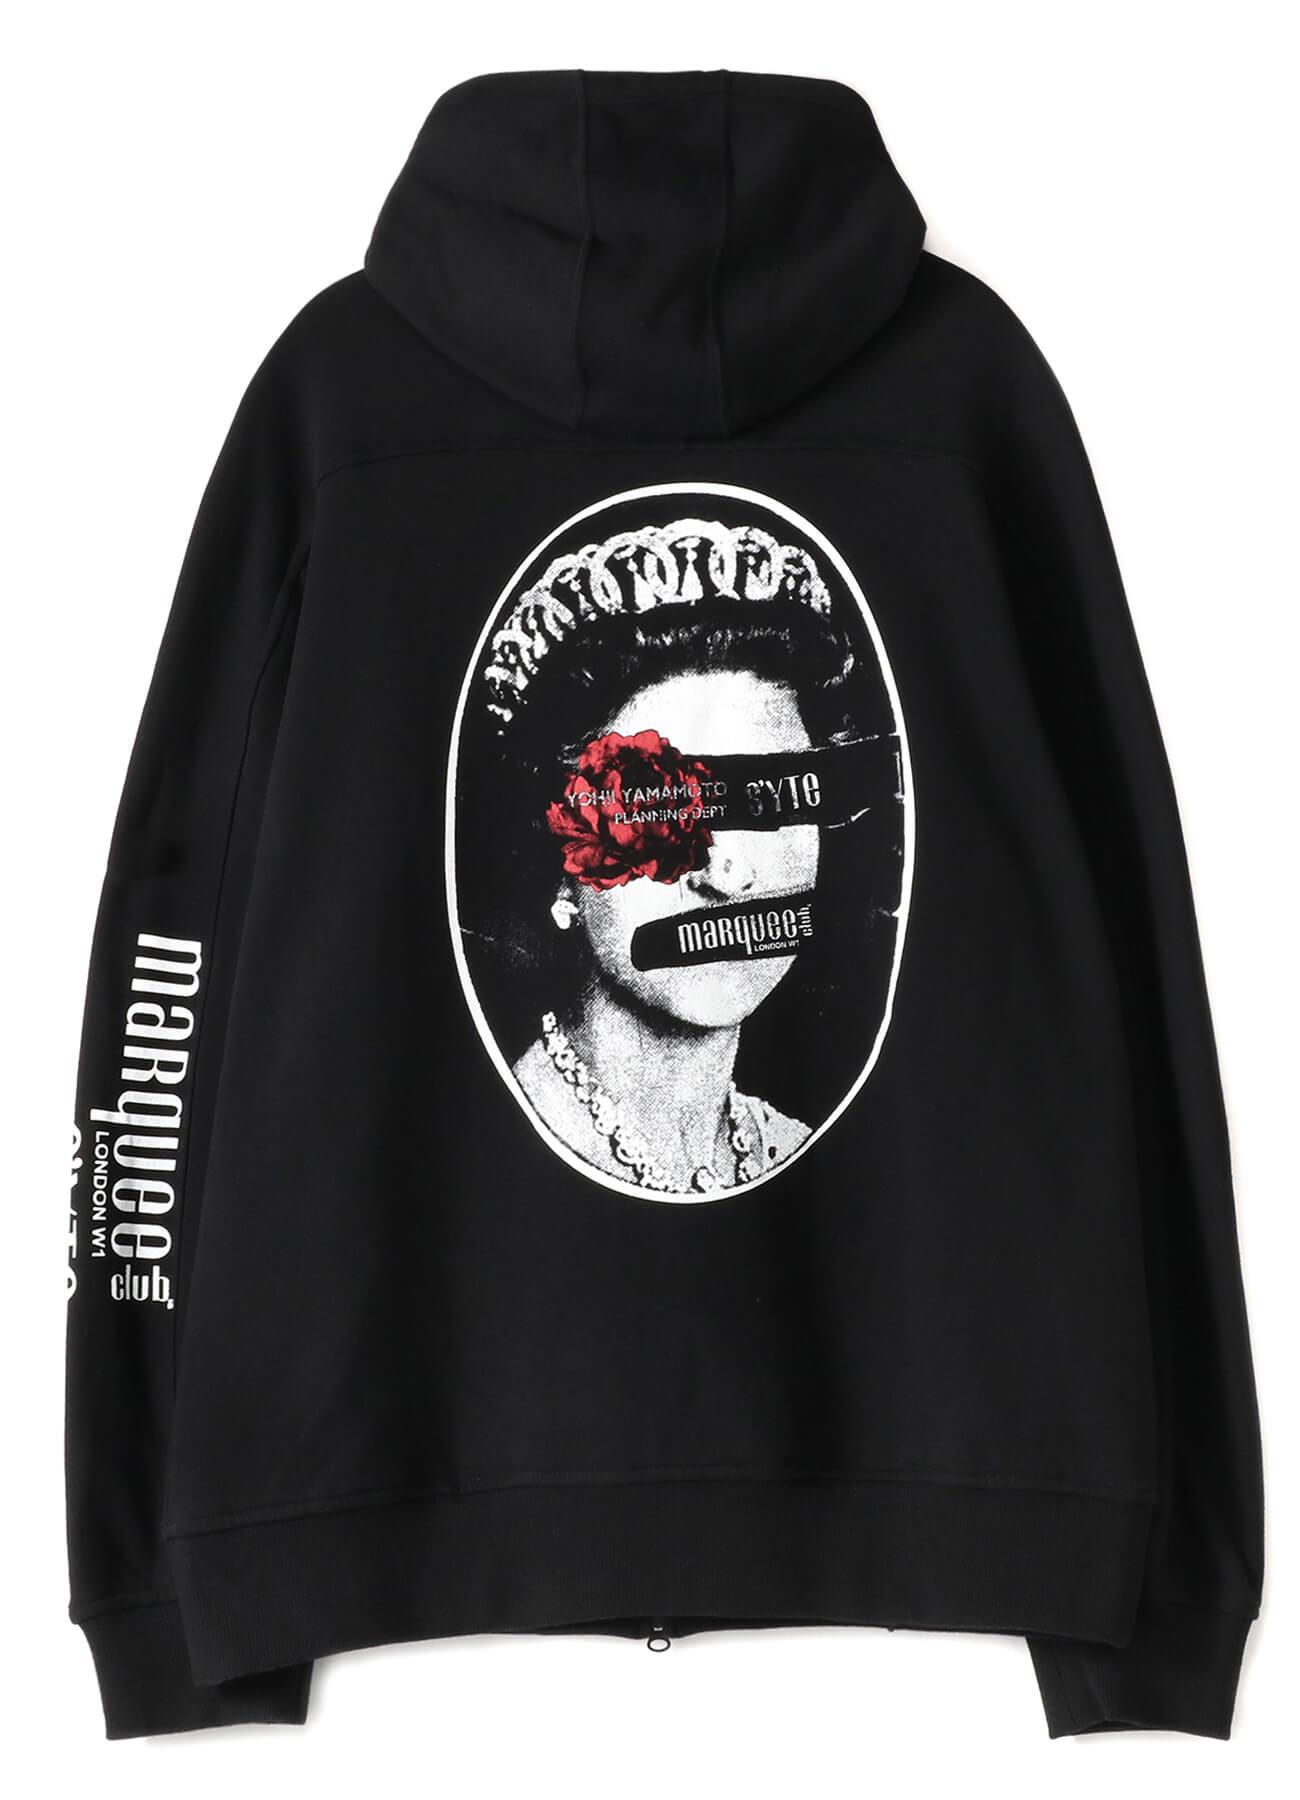 マーキー・クラブ®にSEX PISTOLSが出演していた頃のジャケット・デザインにマーキー・クラブ®ロゴ、S'YTEオリジナルモチーフを施したジップアップフーディー⑤ 16,800円